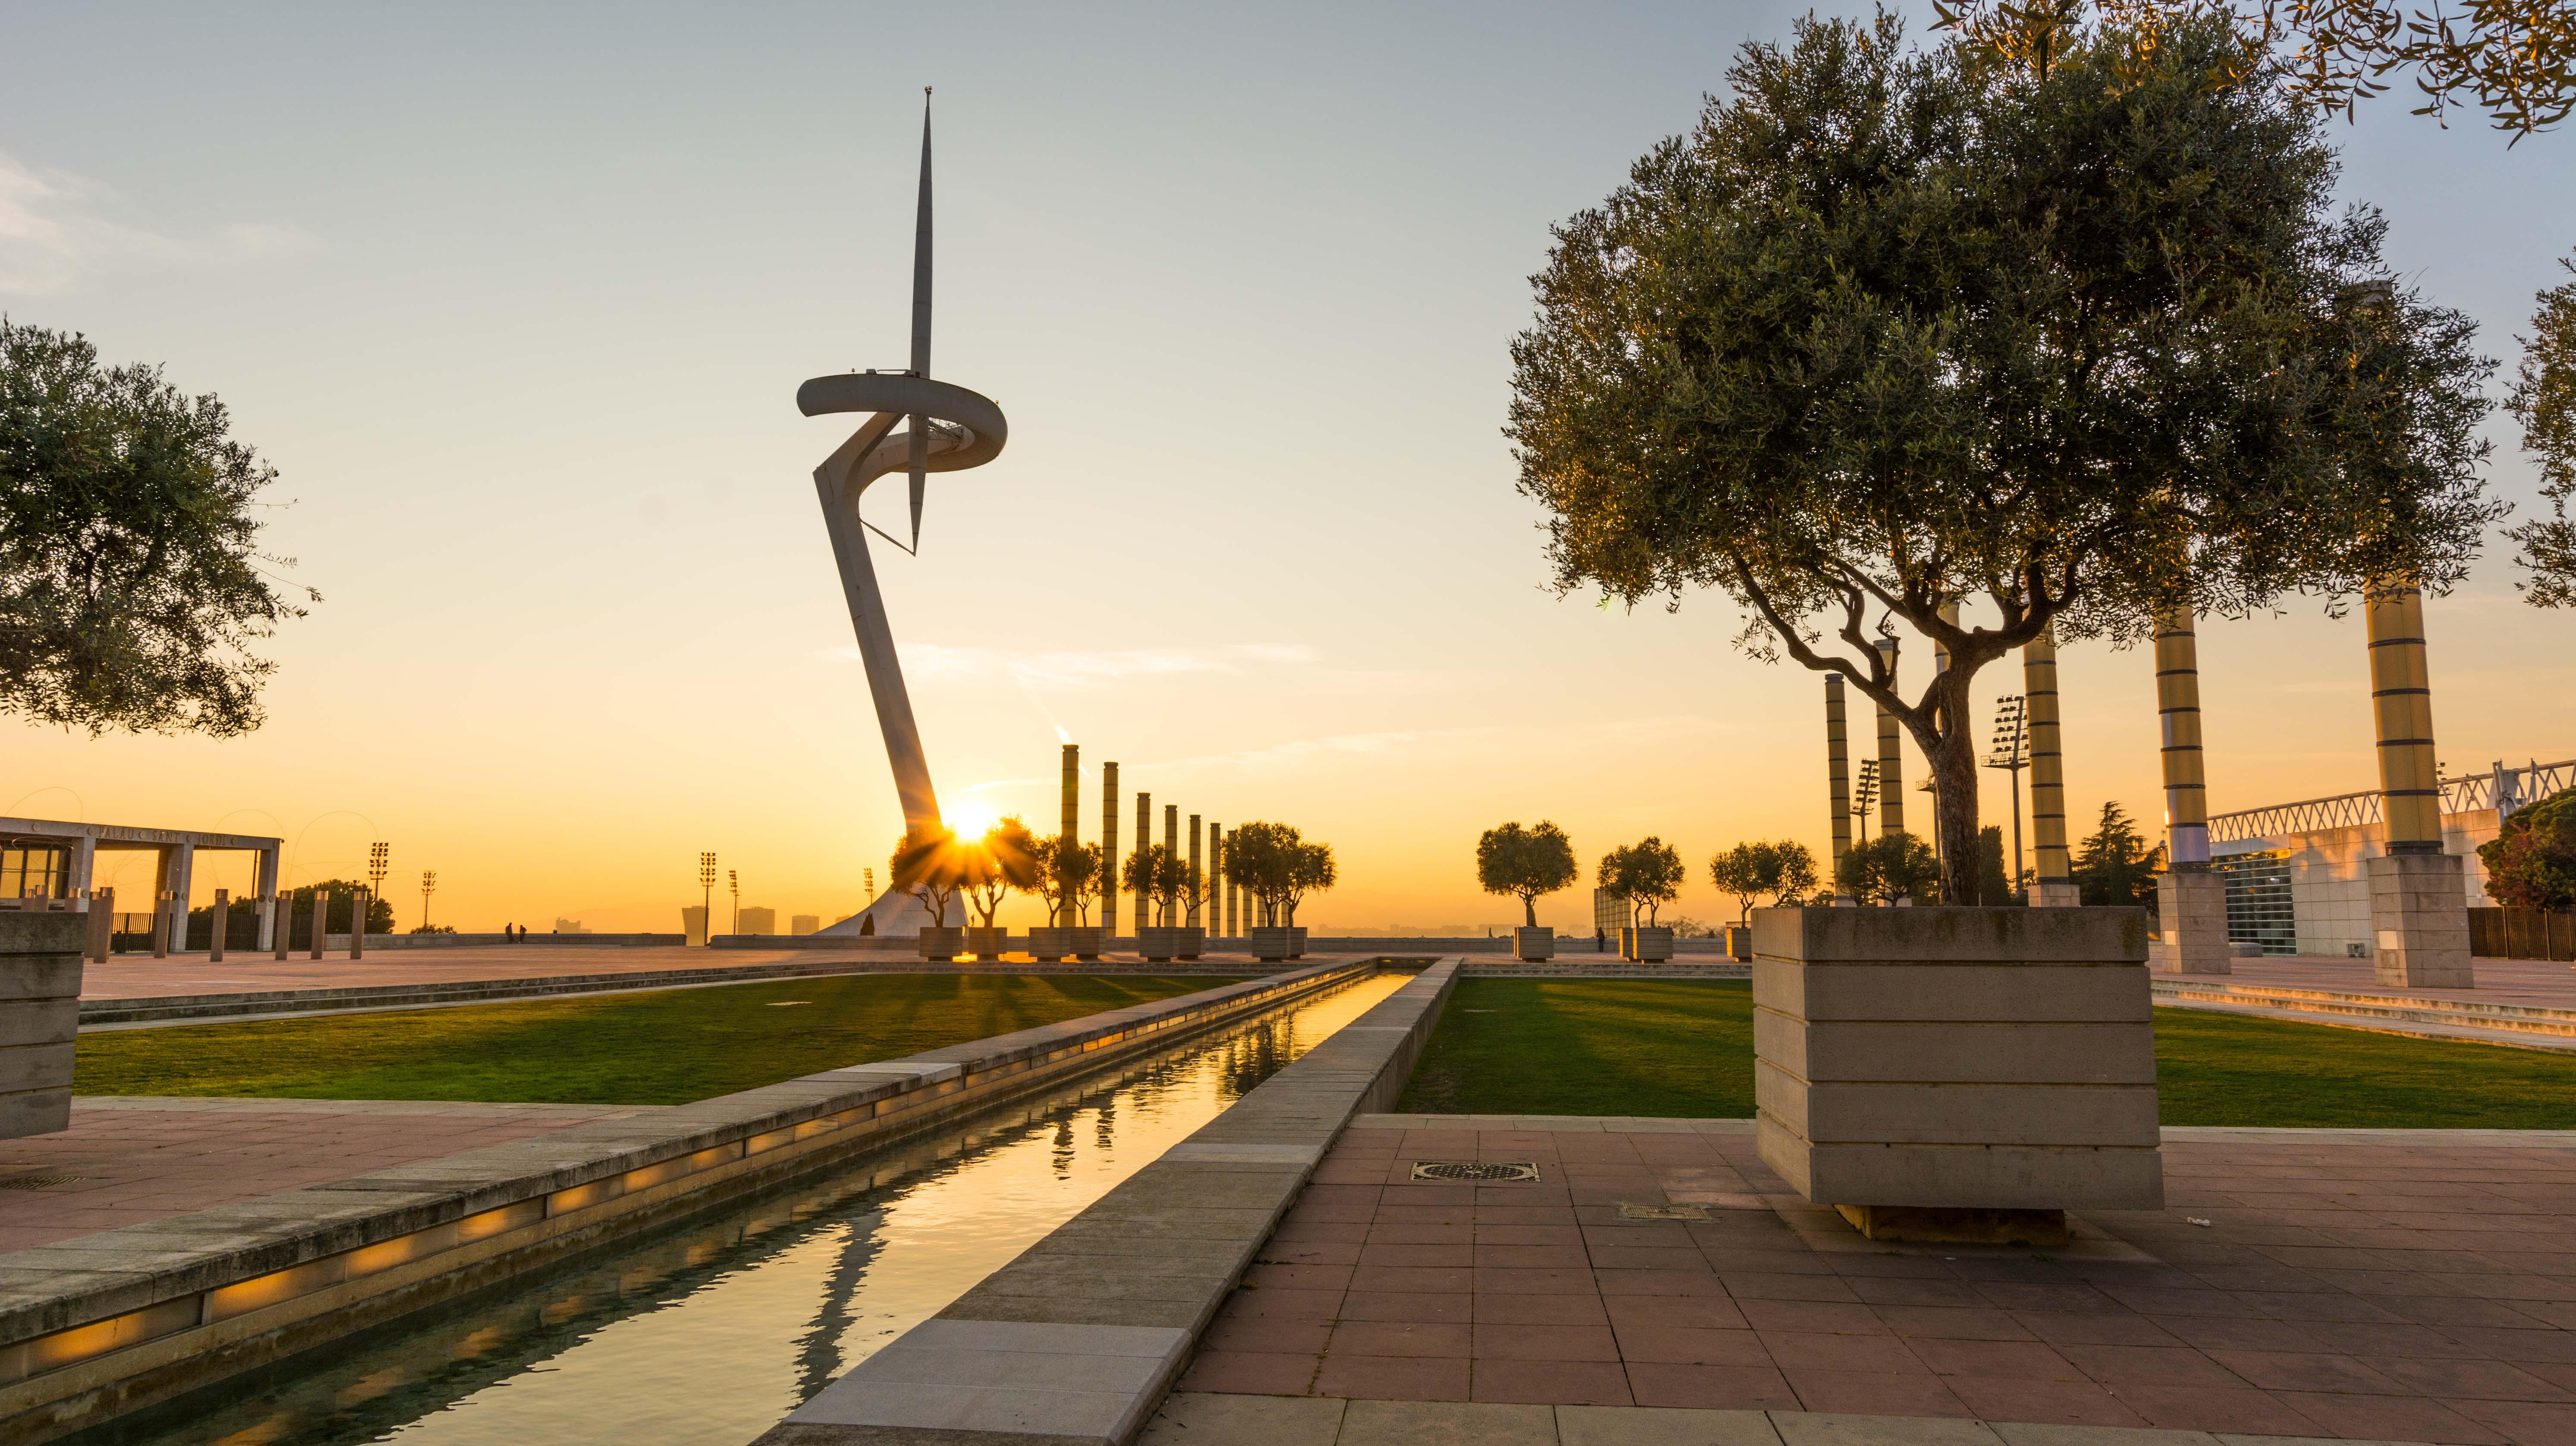 Der Torre Caltrava wurde zu den olympischen Spielen in Barcelona gebaut - besonders schöne Fotos kann man hier beim Sonnenuntergang machen